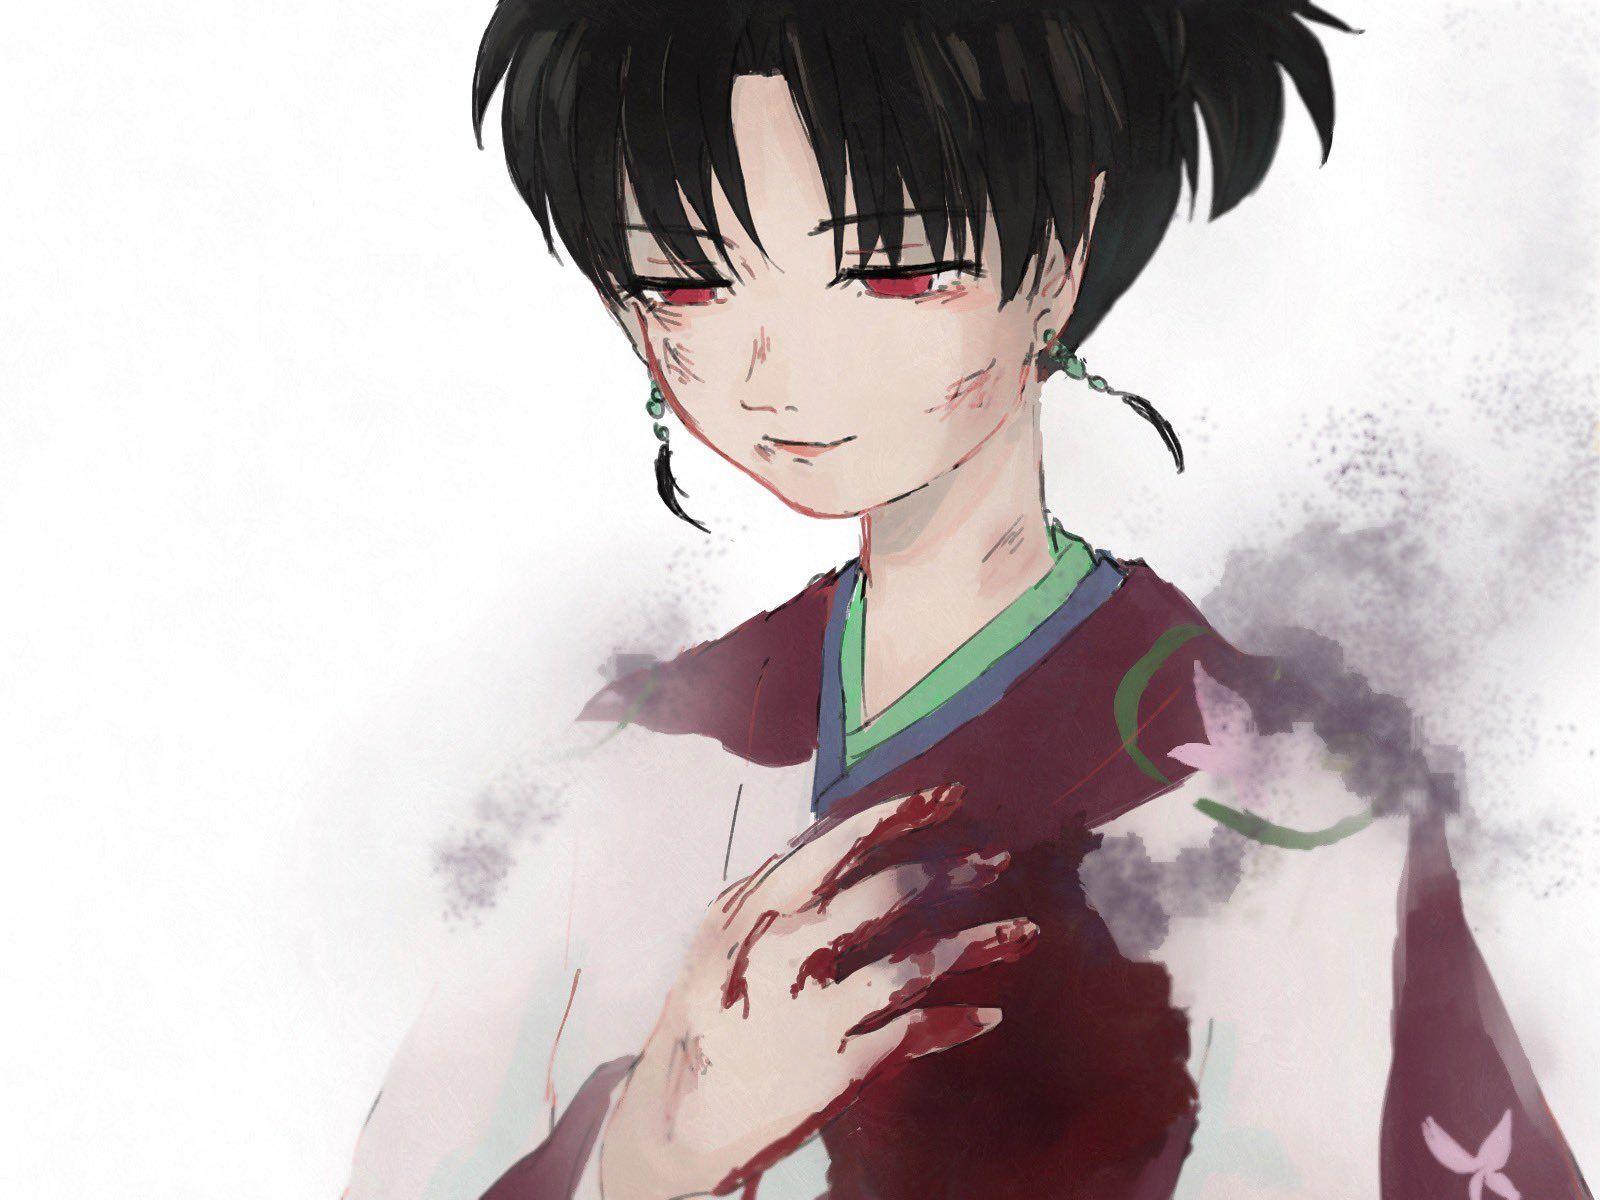 Inuyasha Fan Art: Kagura   Inuyasha fan art, Inuyasha, Fan art